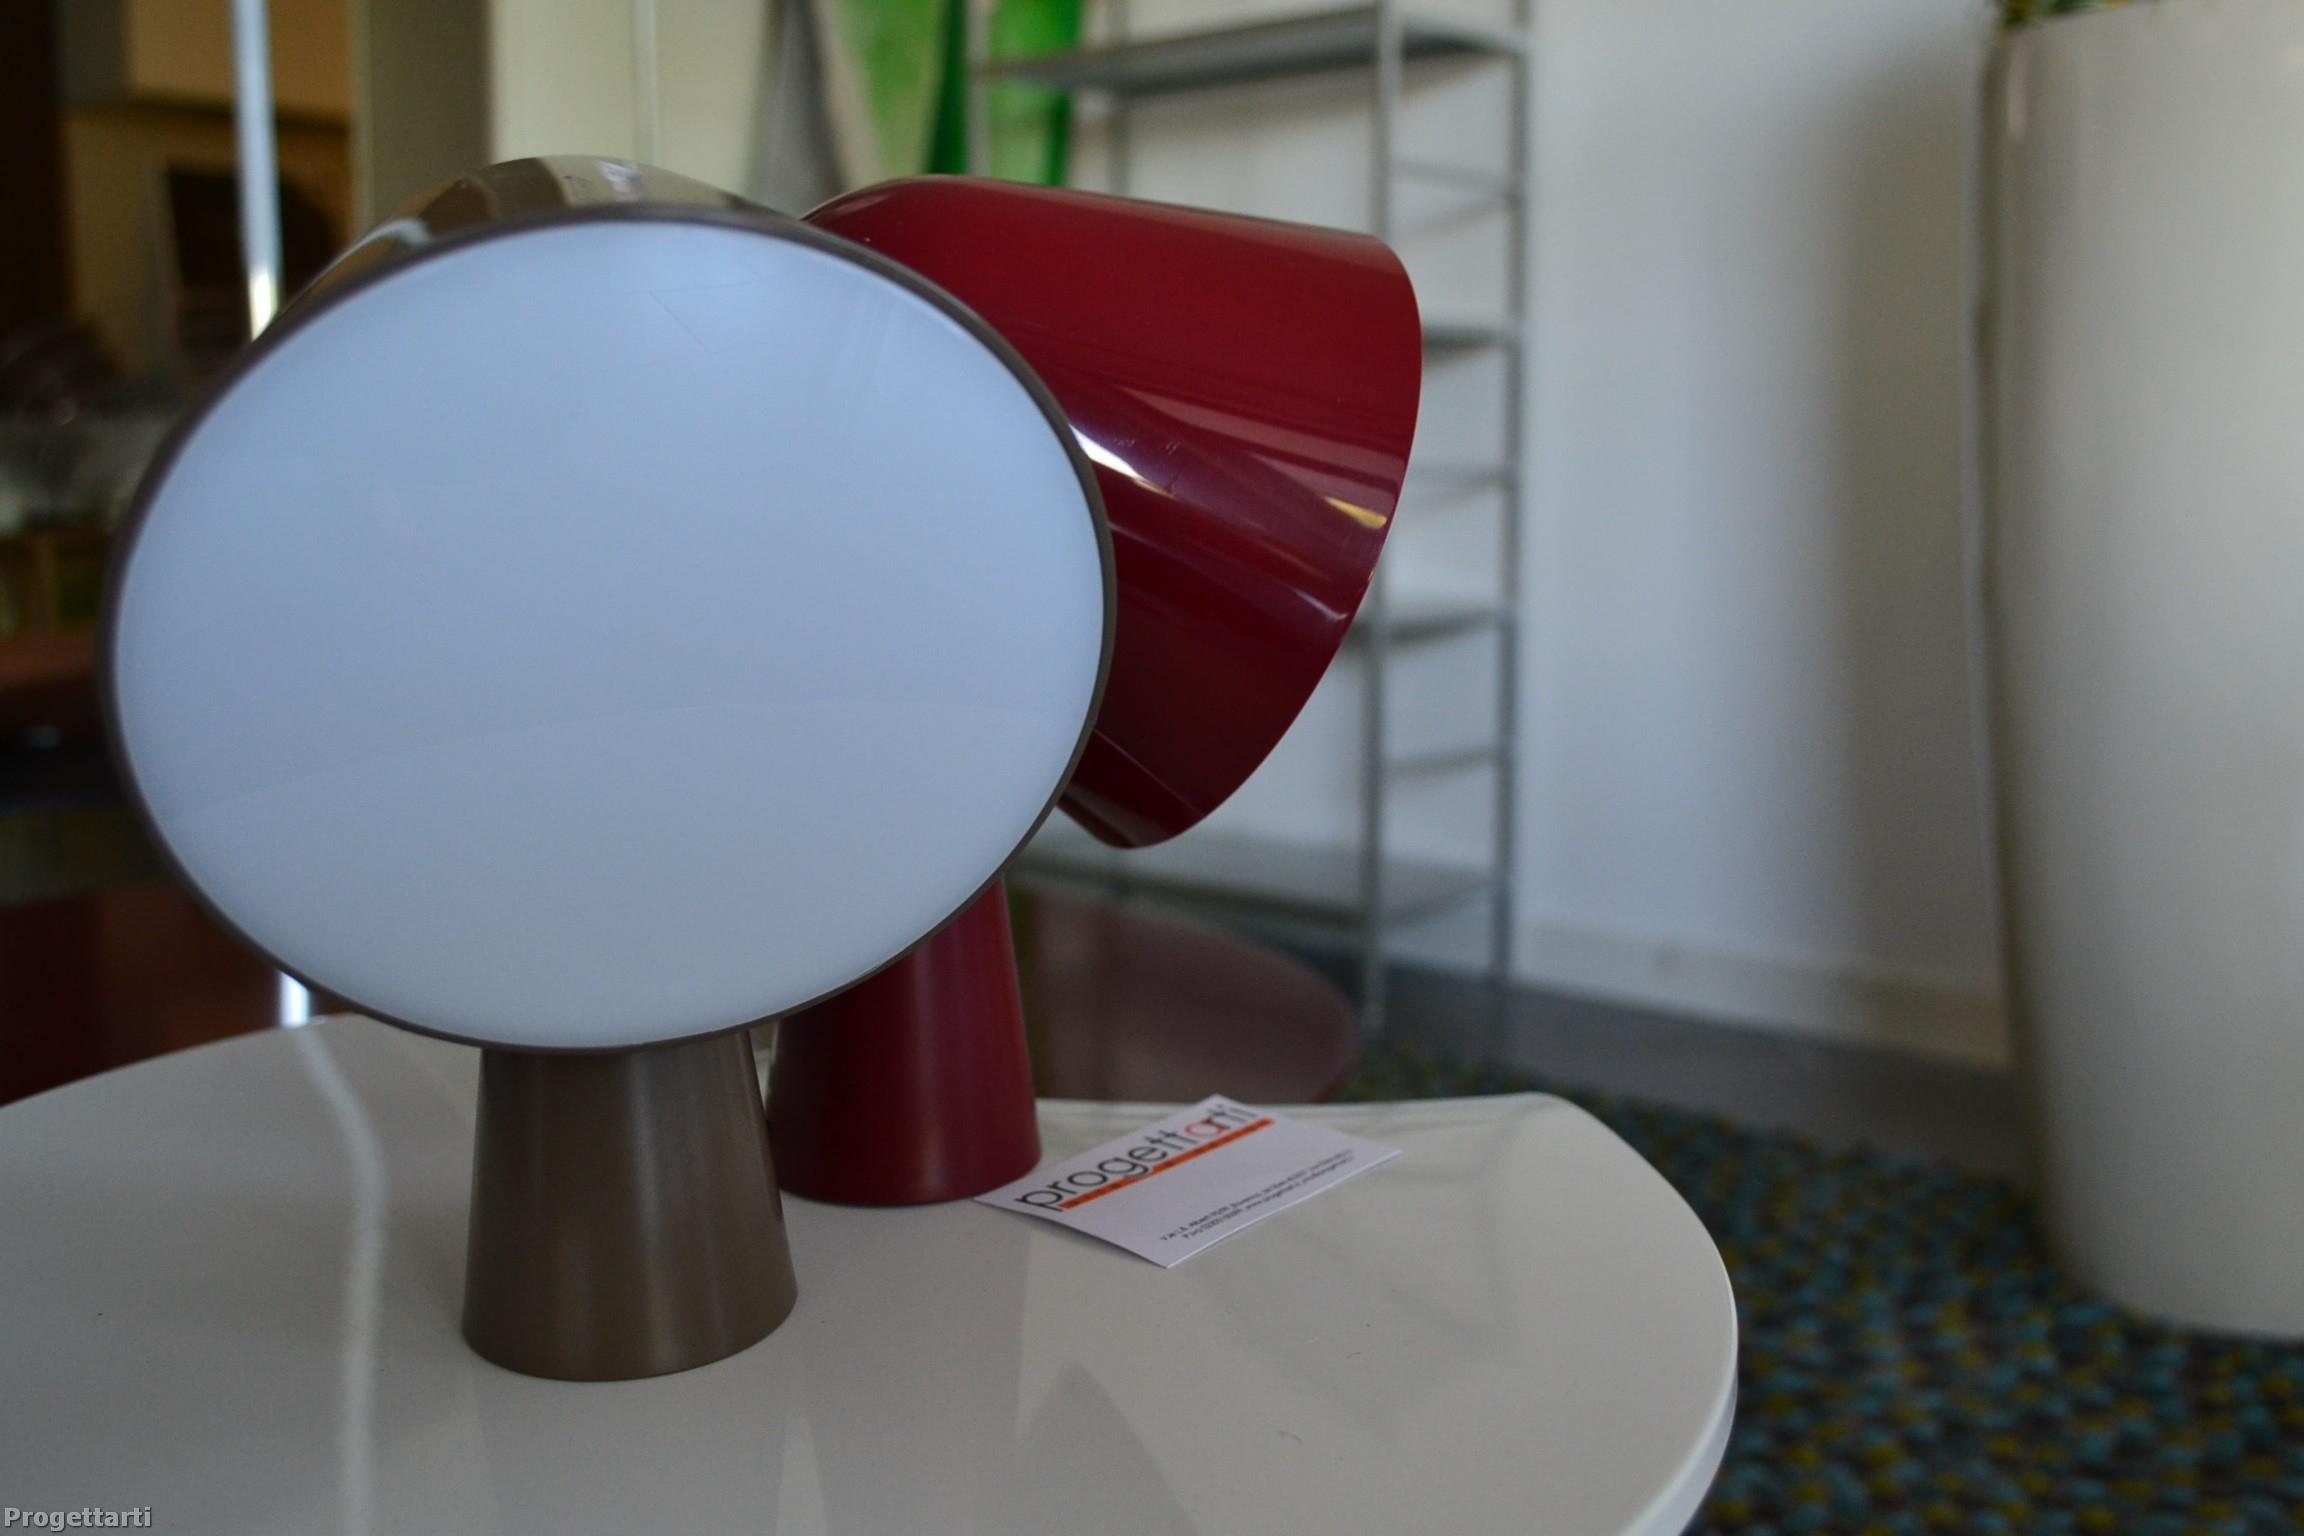 Luce tavolo binic foscarini illuminazione a prezzi scontati for Luce da tavolo